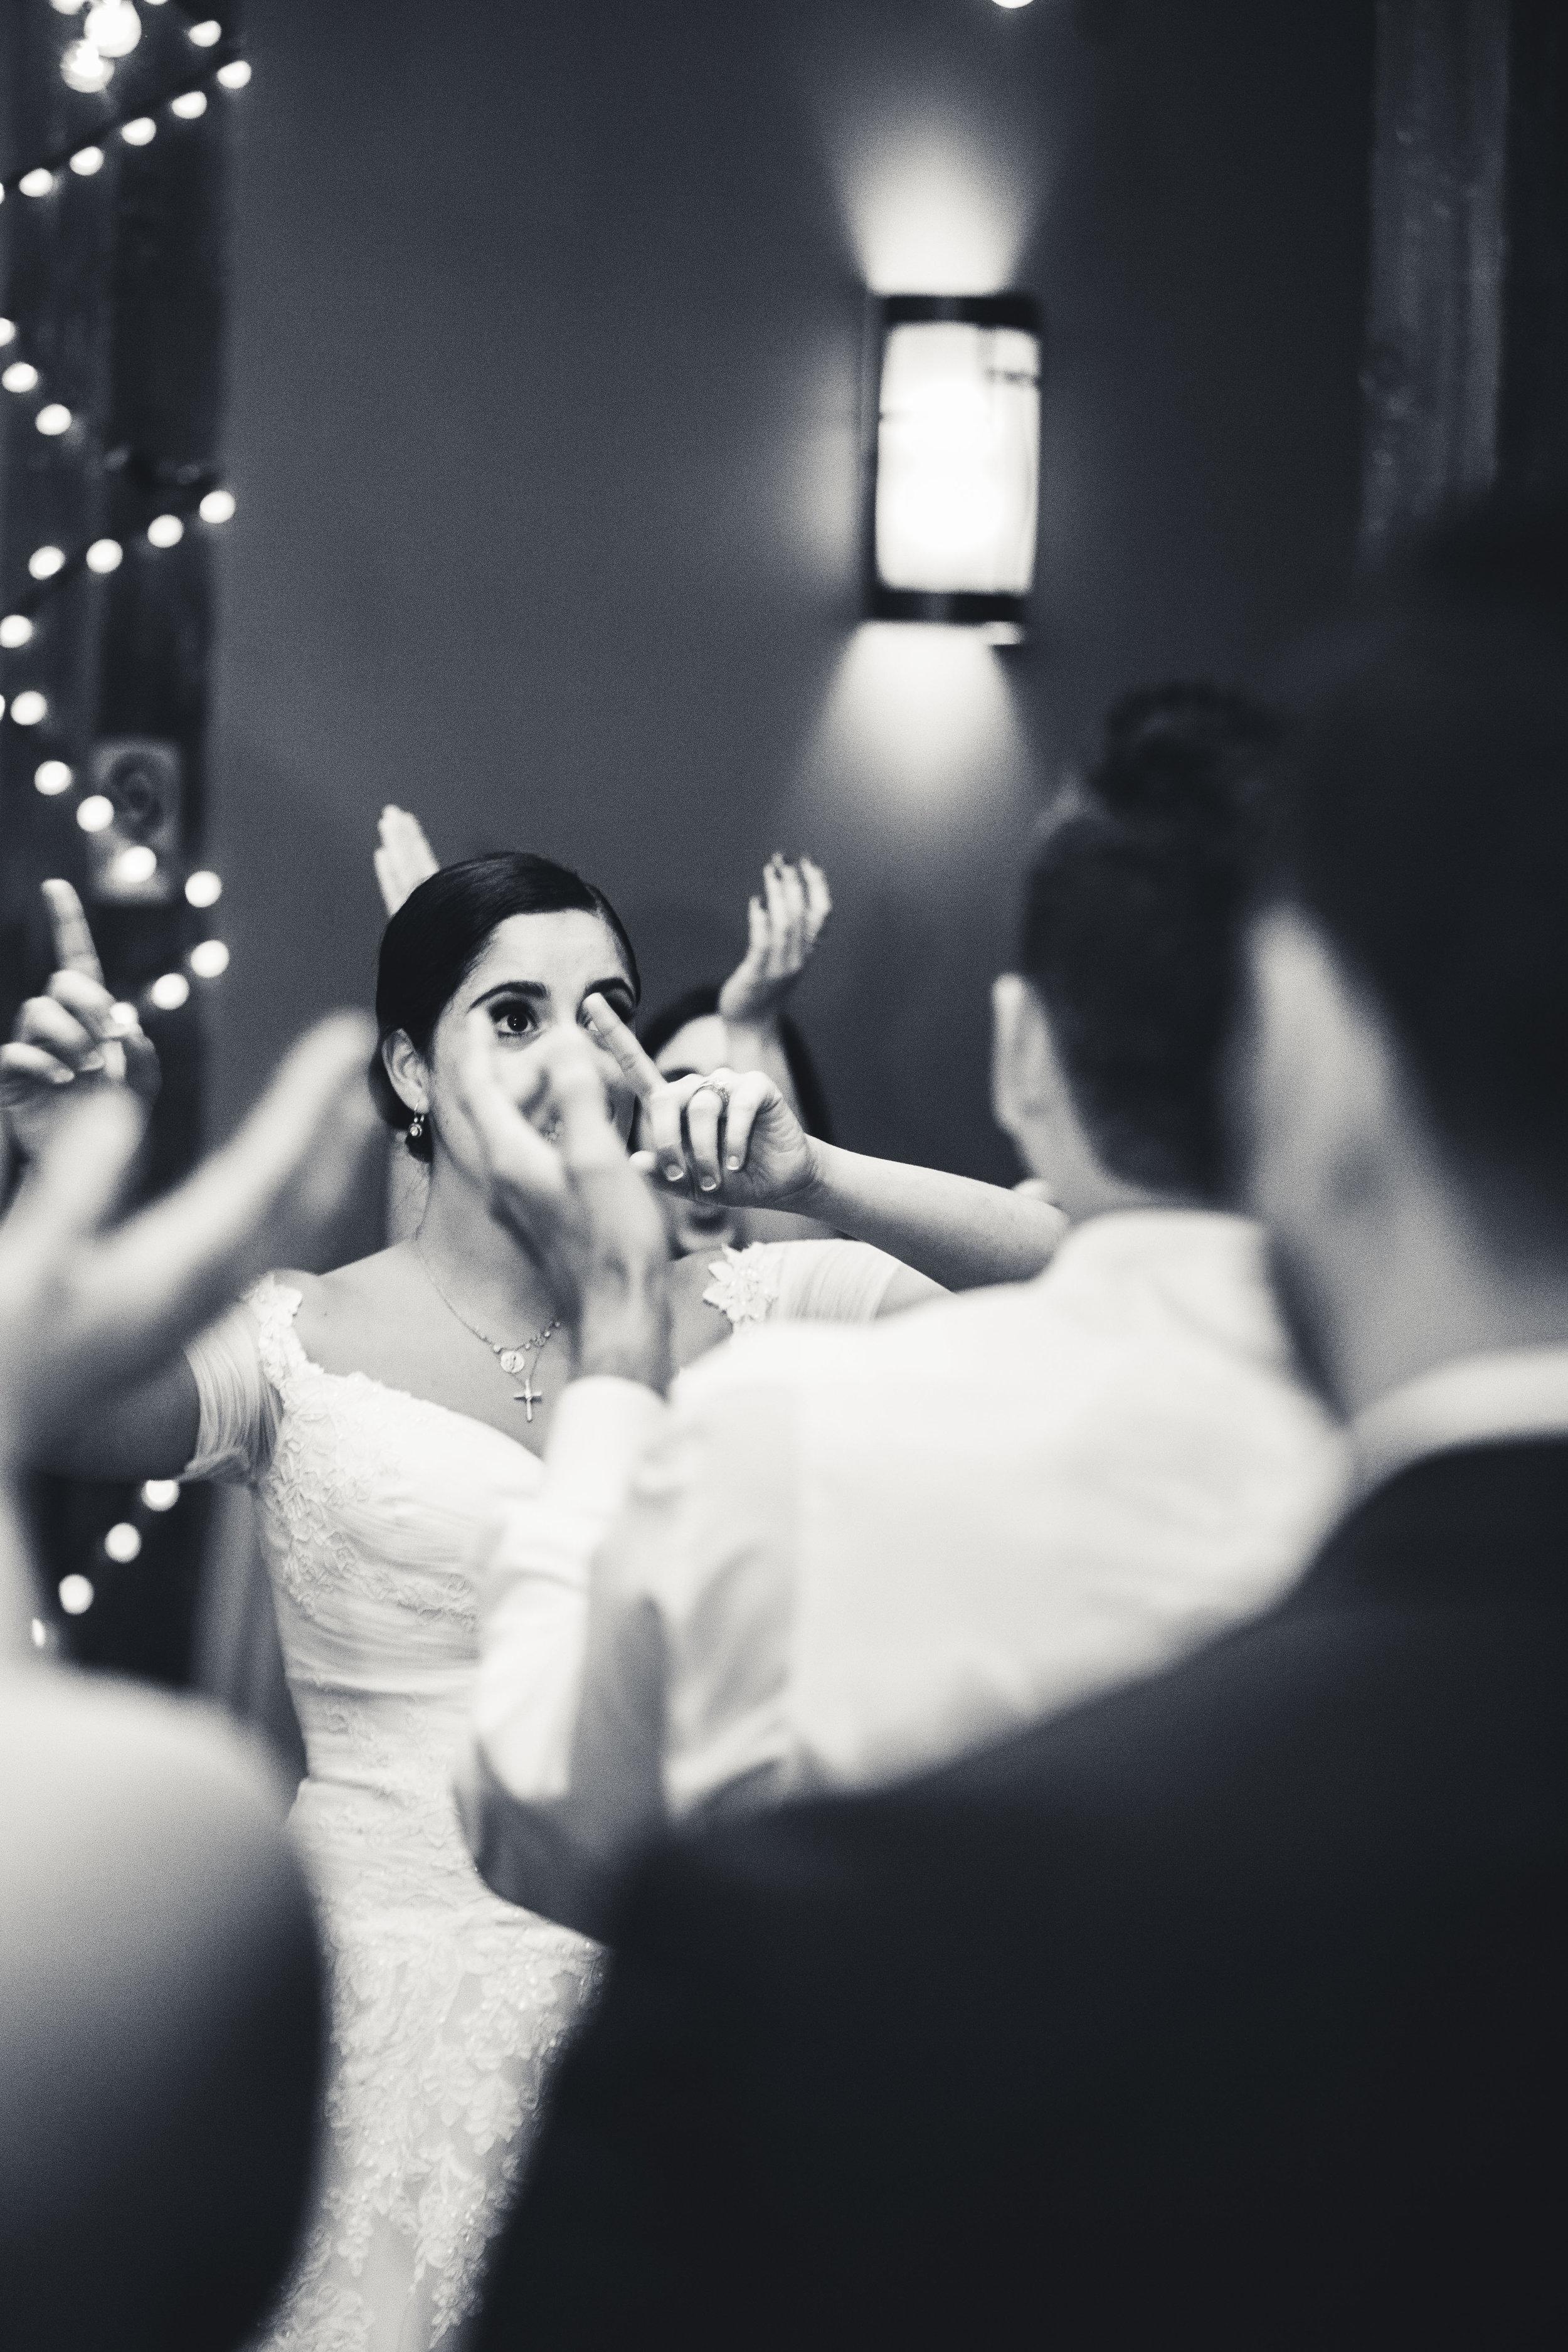 ATGI_Magali & Josh Wedding1__284.jpg